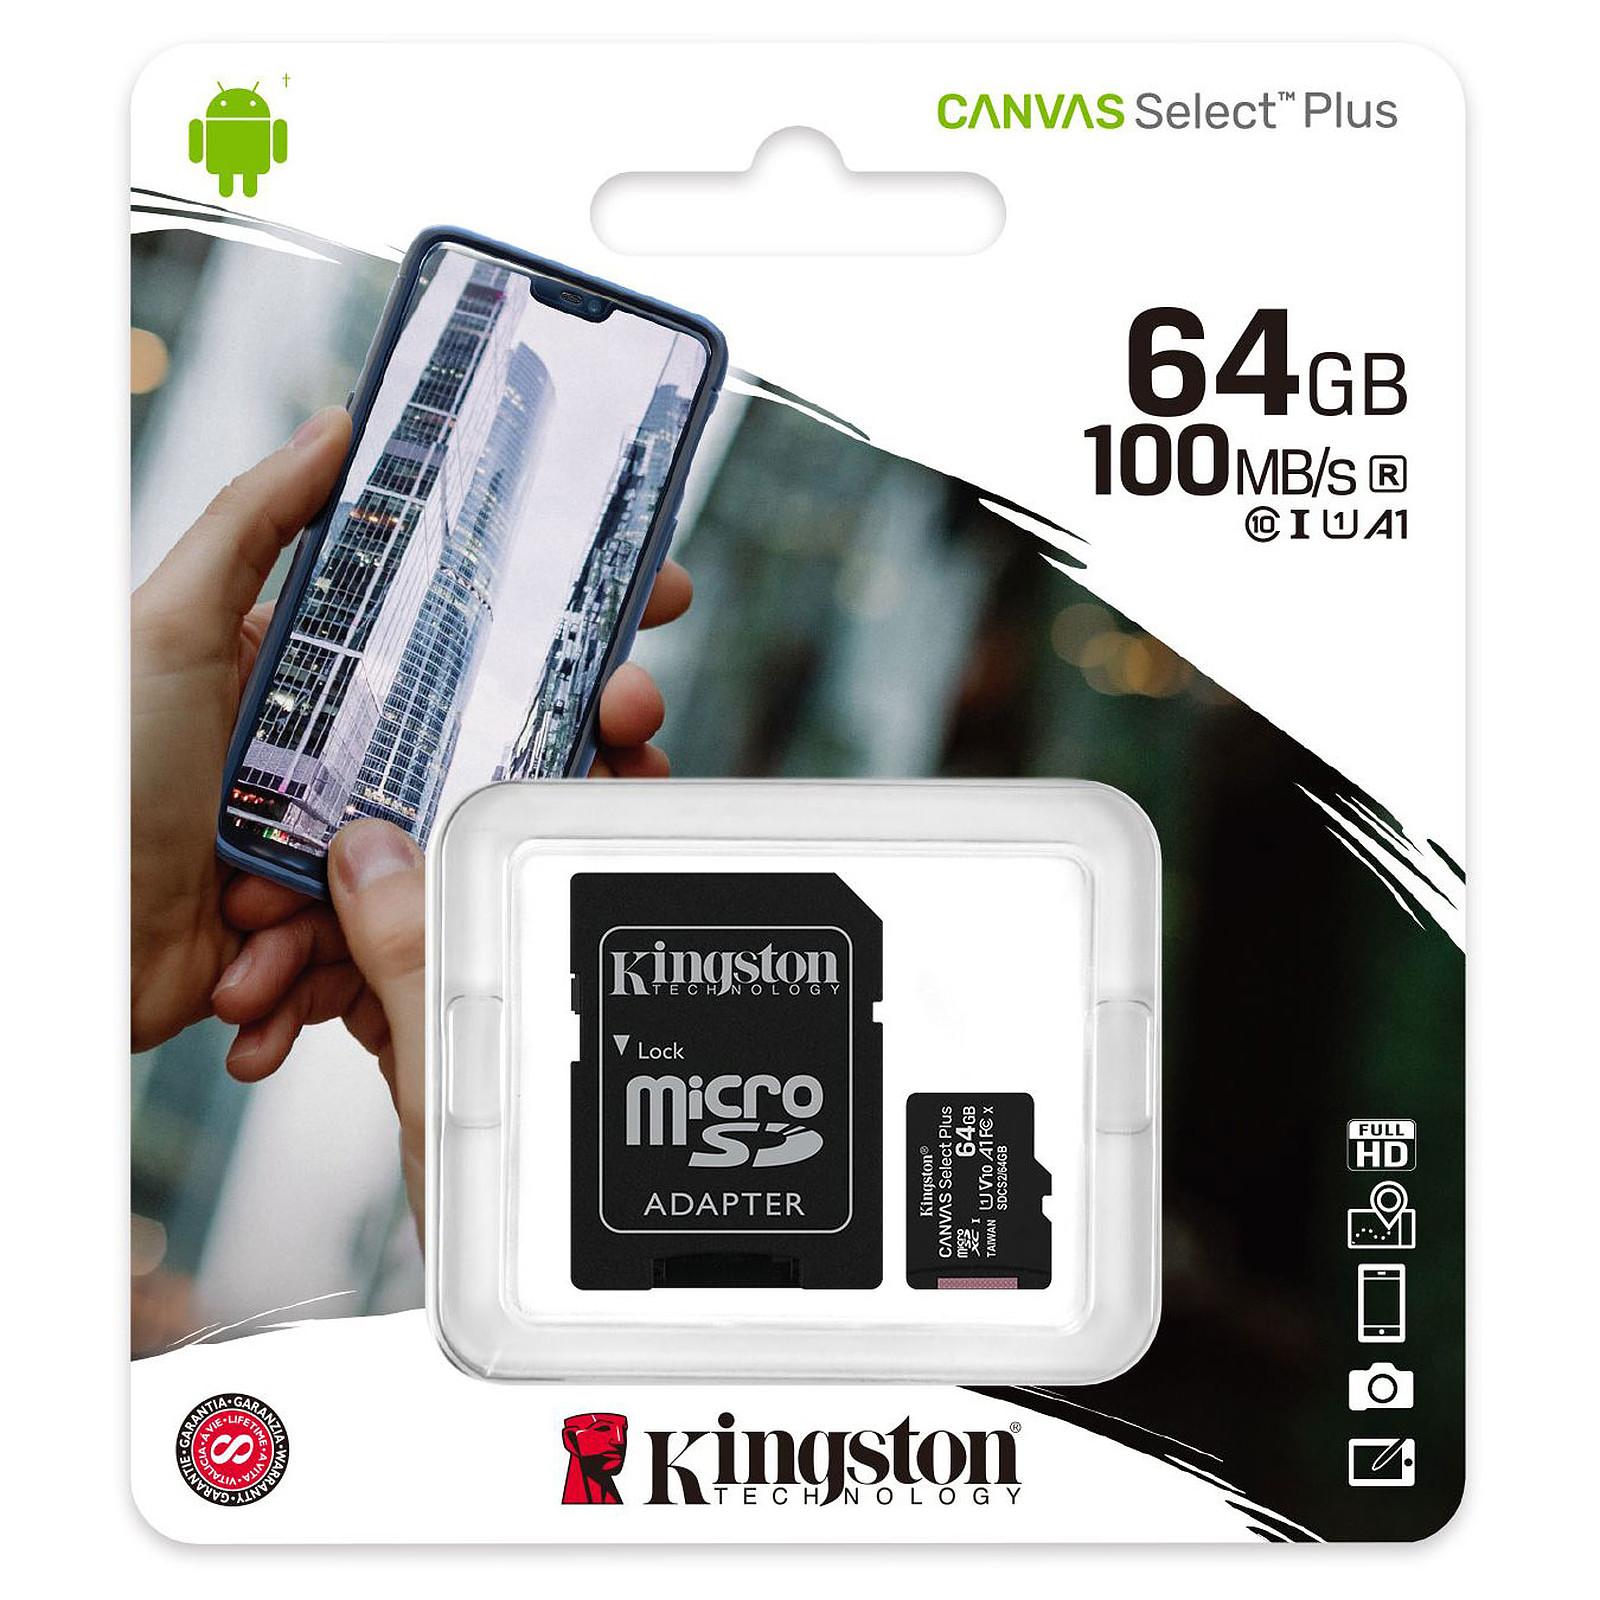 Carte mémoire Kingston micro SDXC 64 Go Class10 U1 avec adaptateur SD, informatique Reunion 974, Futur Réunion informatique